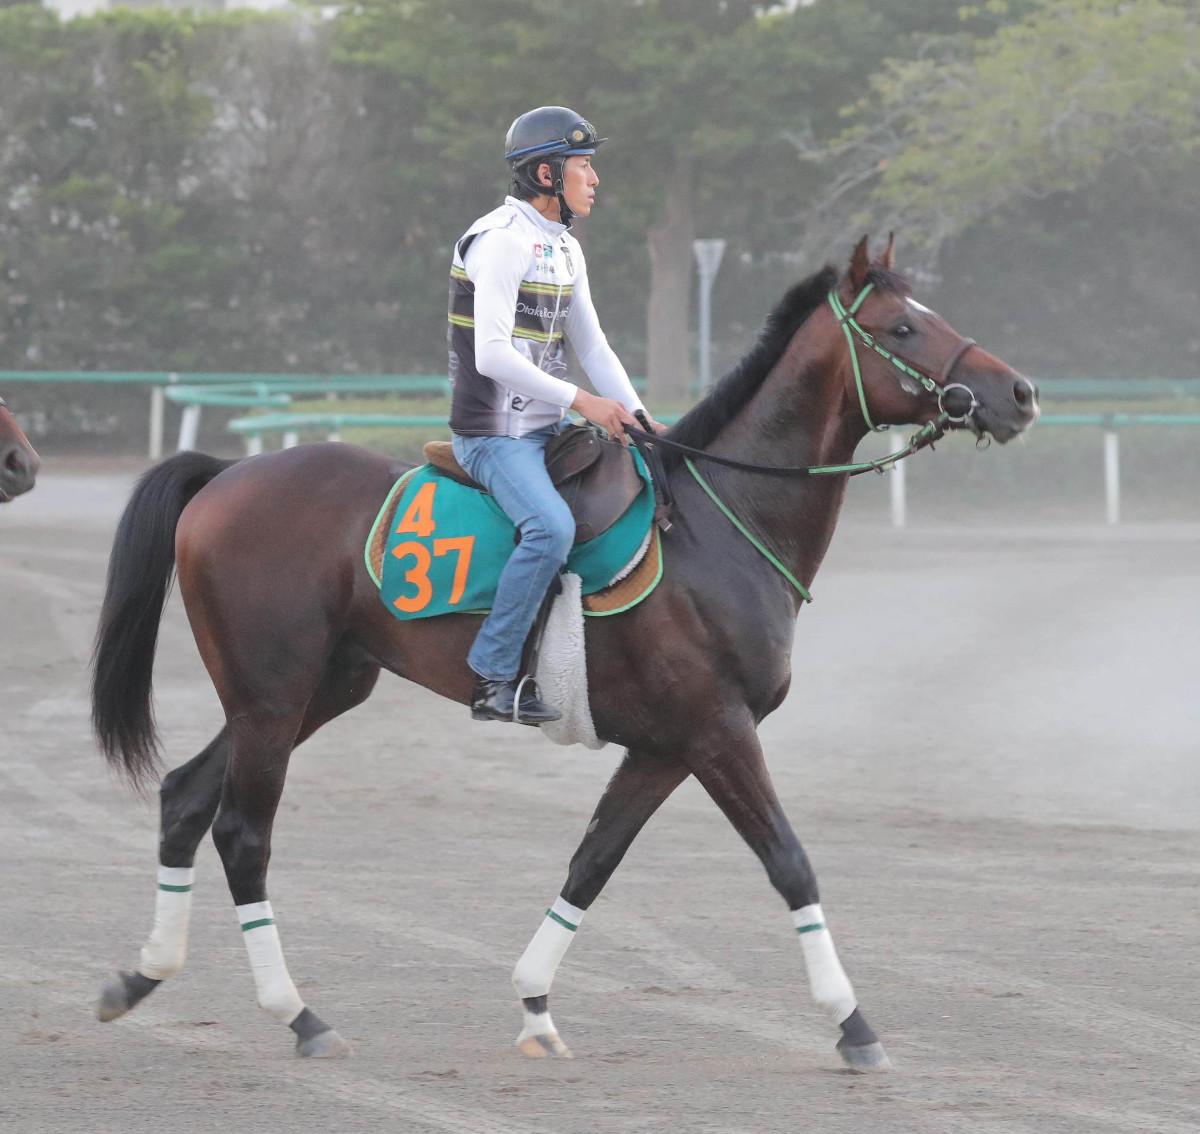 16日新潟5Rの新馬戦に出走するヴェイルネビュラ(カメラ・池内 雅彦)